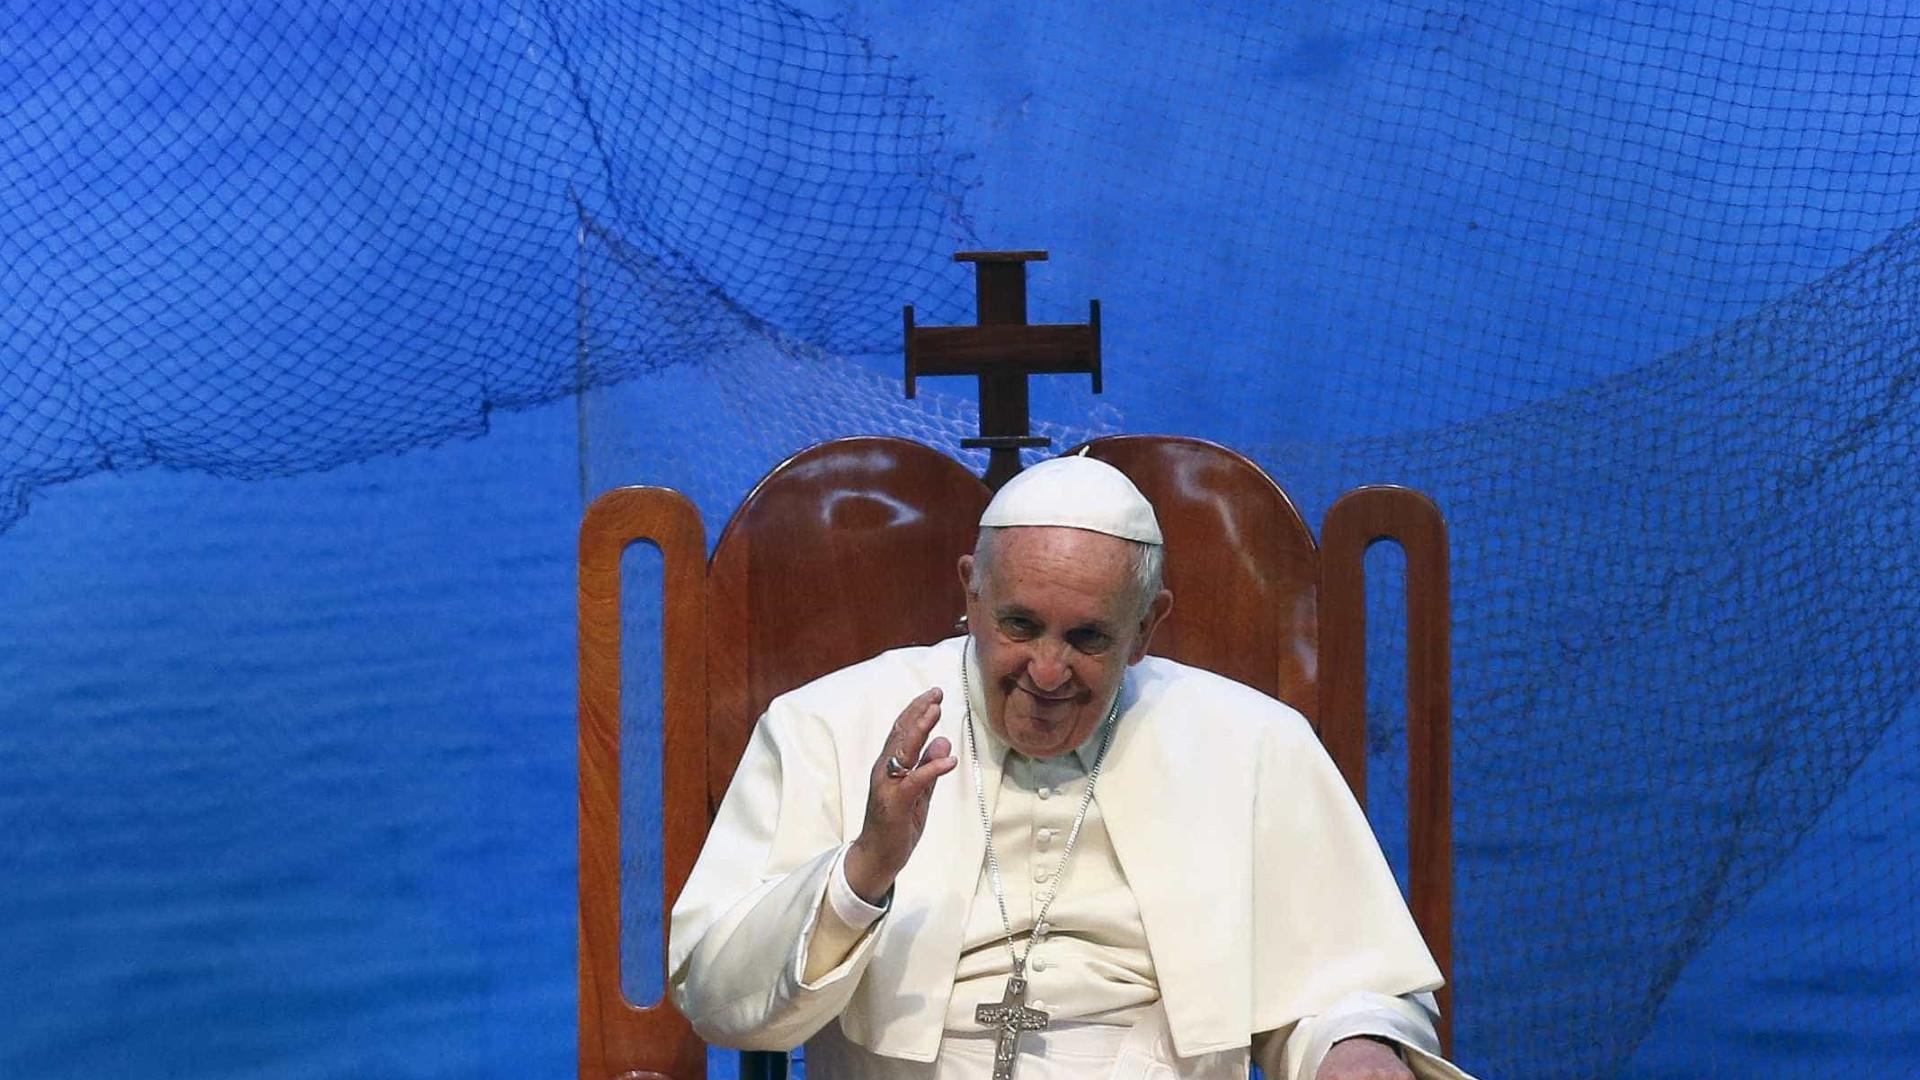 Vaticano confirma viagem do Papa a Chile e Peru em 2018